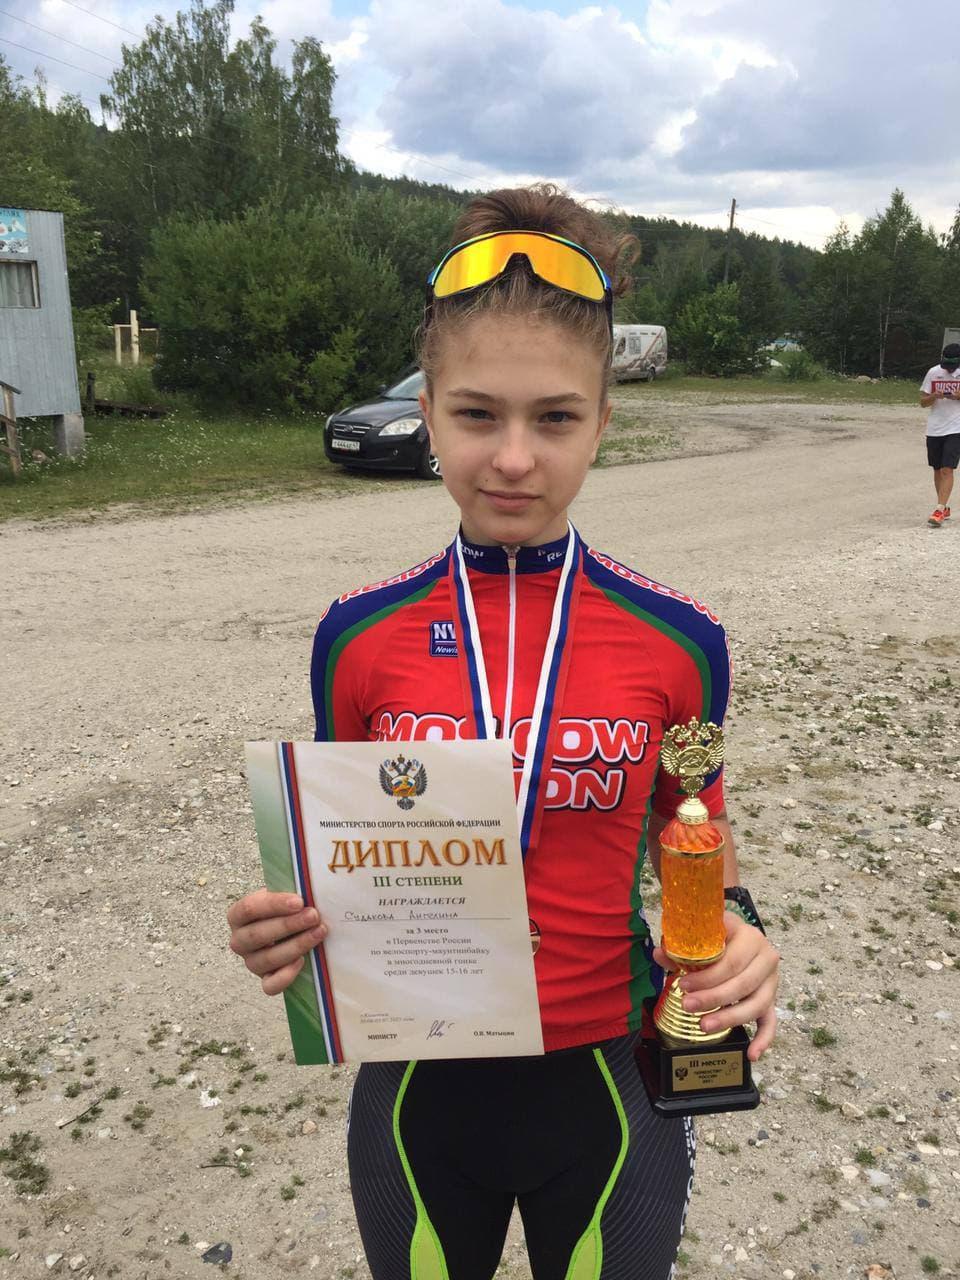 Велоспортсменка из Подмосковья стала бронзовым призёром чемпионата России